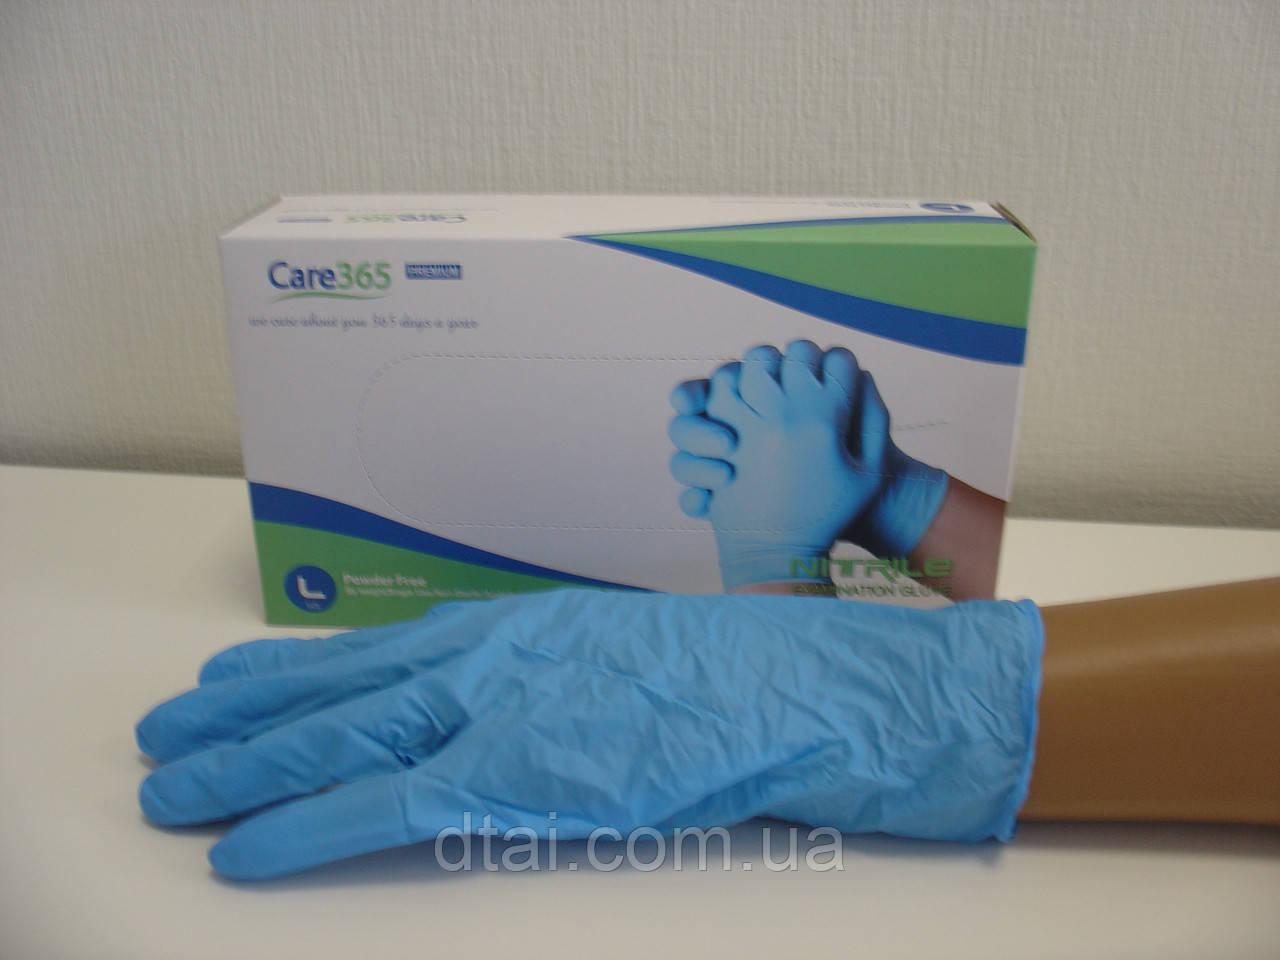 Перчатки нитриловые одноразовые смотровые (нестерильные), 100 шт/упак размер M